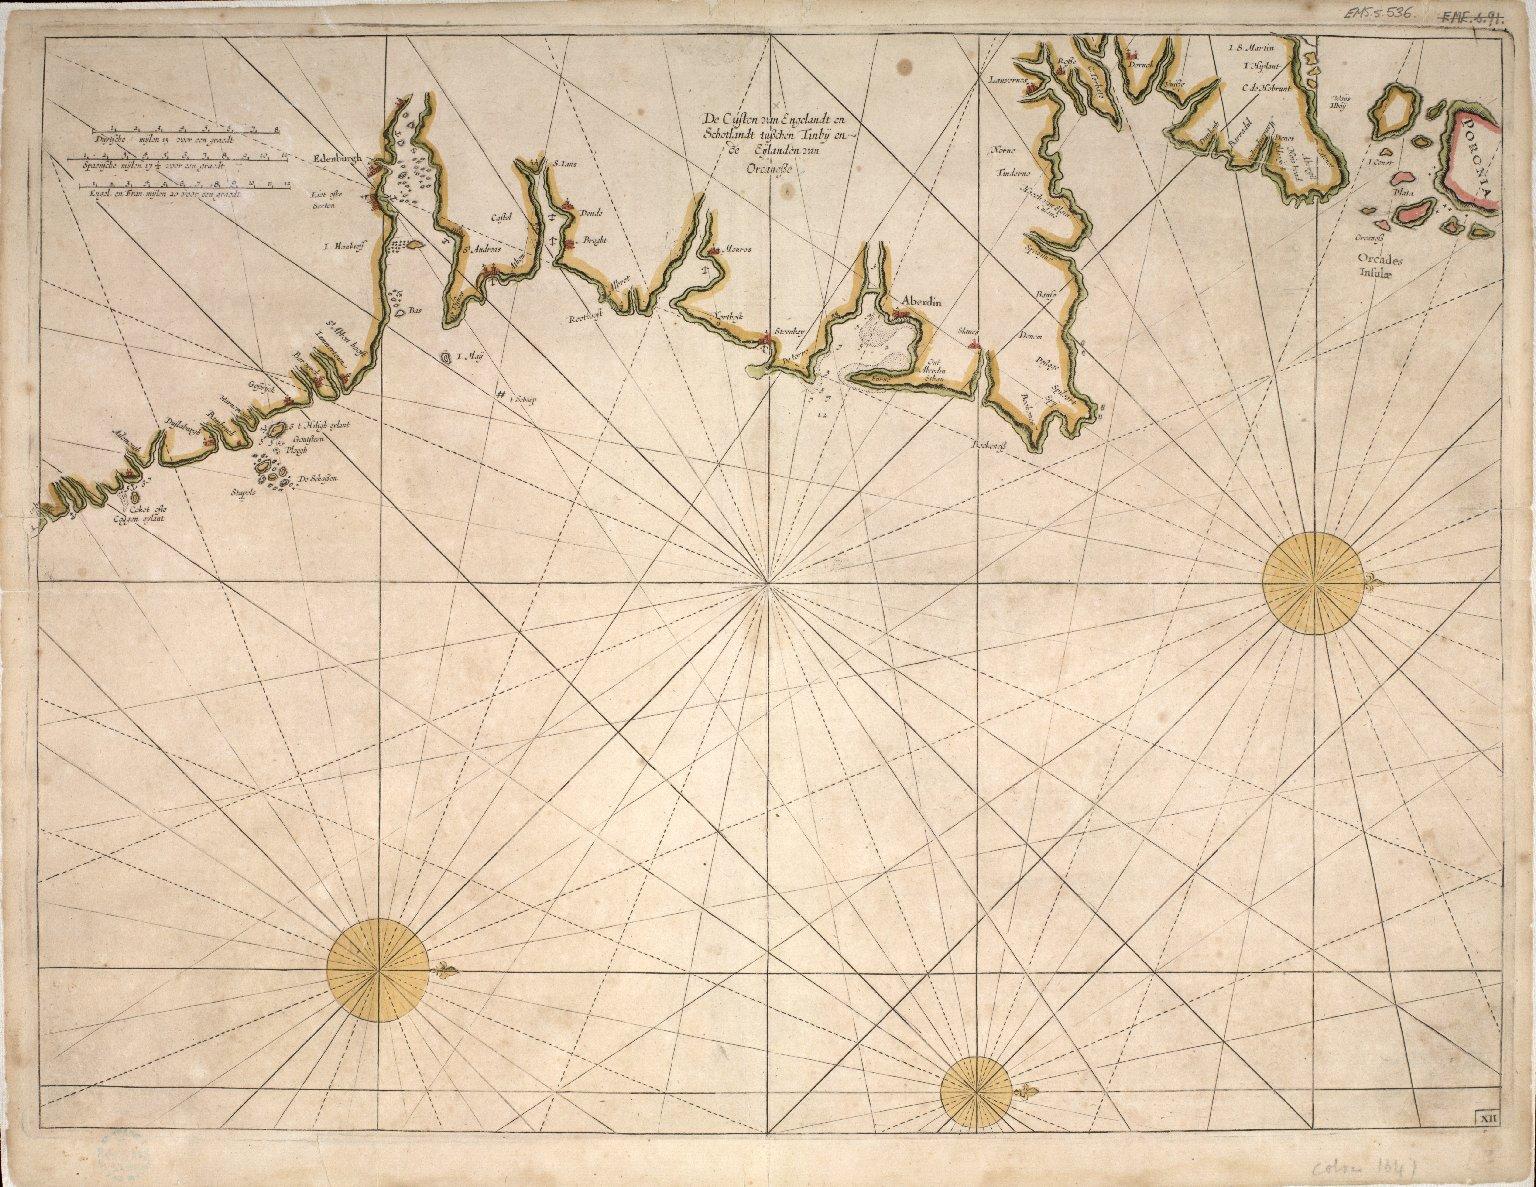 De Custen van Engelandt en Schotlandt tusschen Tinbij en de Eijlanden van Orcanesse. [1 of 1]